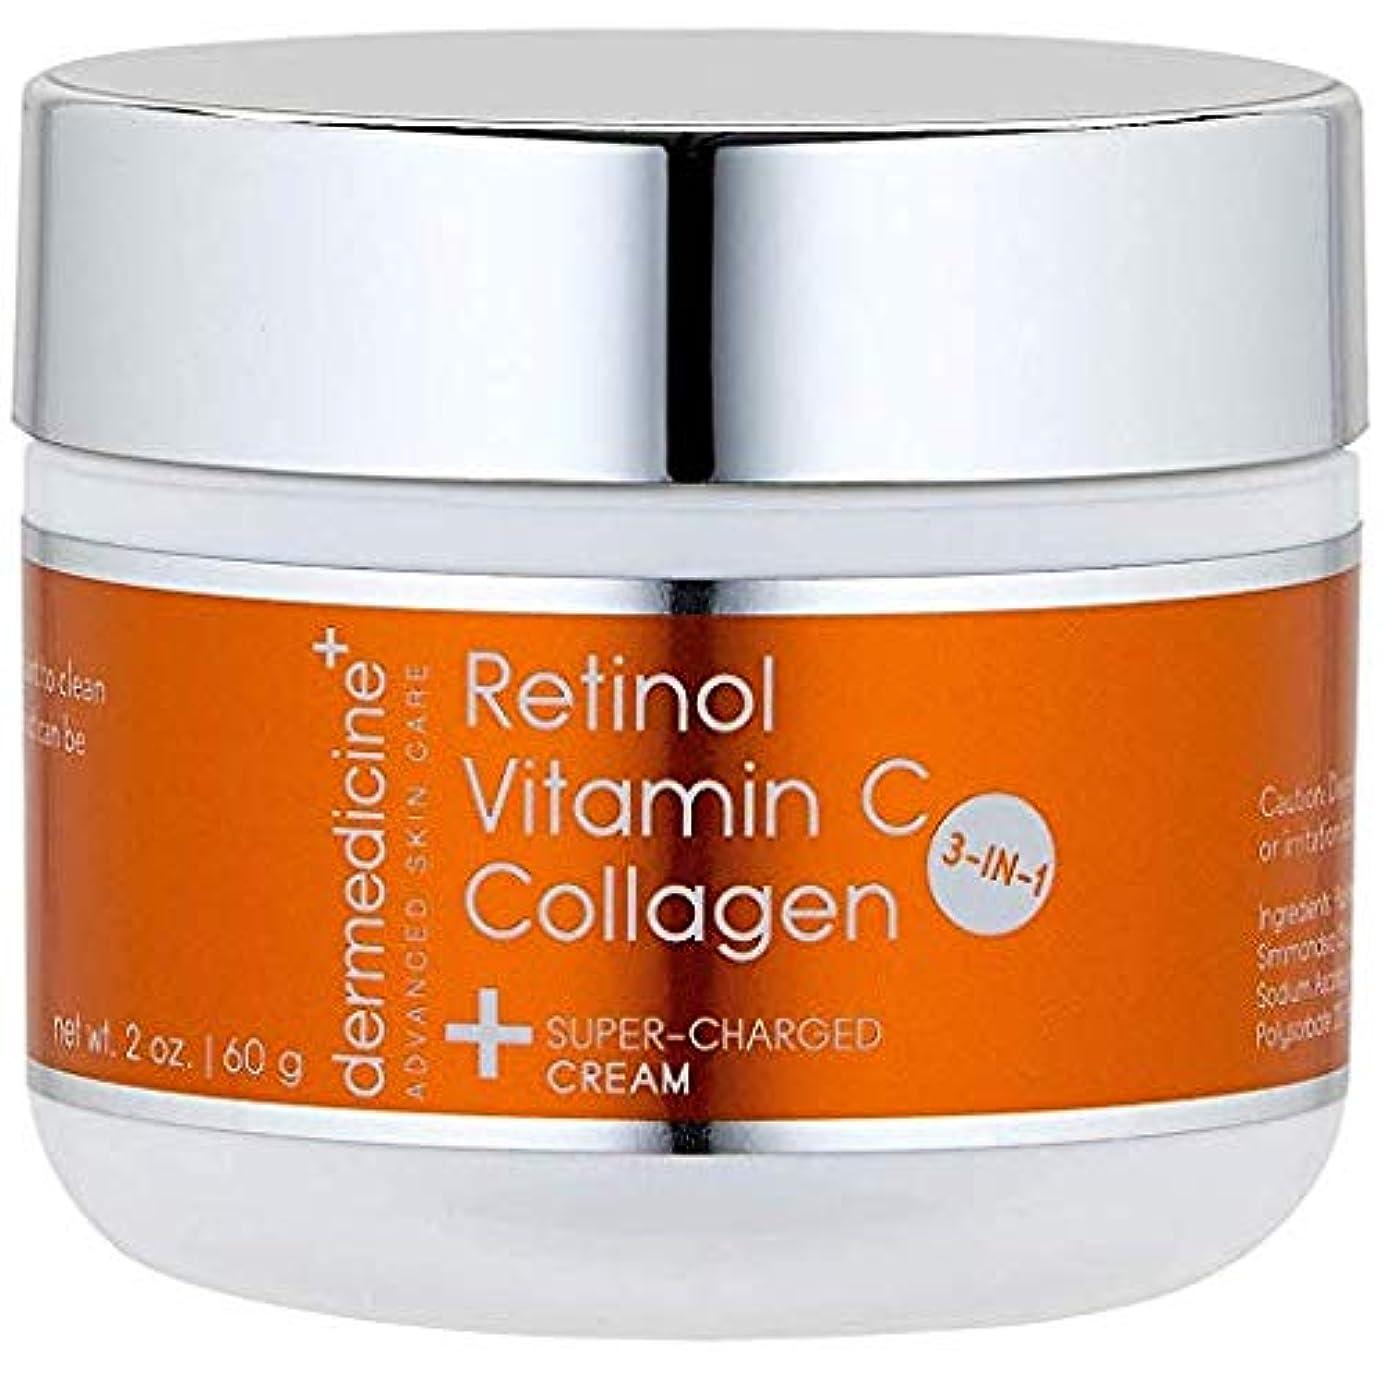 社会主義者教えお酢プレミアム エイジングケアクリーム【3IN1】 コラーゲン+レチノール+ビタミンC配合 60g シミ取り&シワ取り ほうれい線を取り、顔のリフトアップも(若々しい弾力のある肌へ)